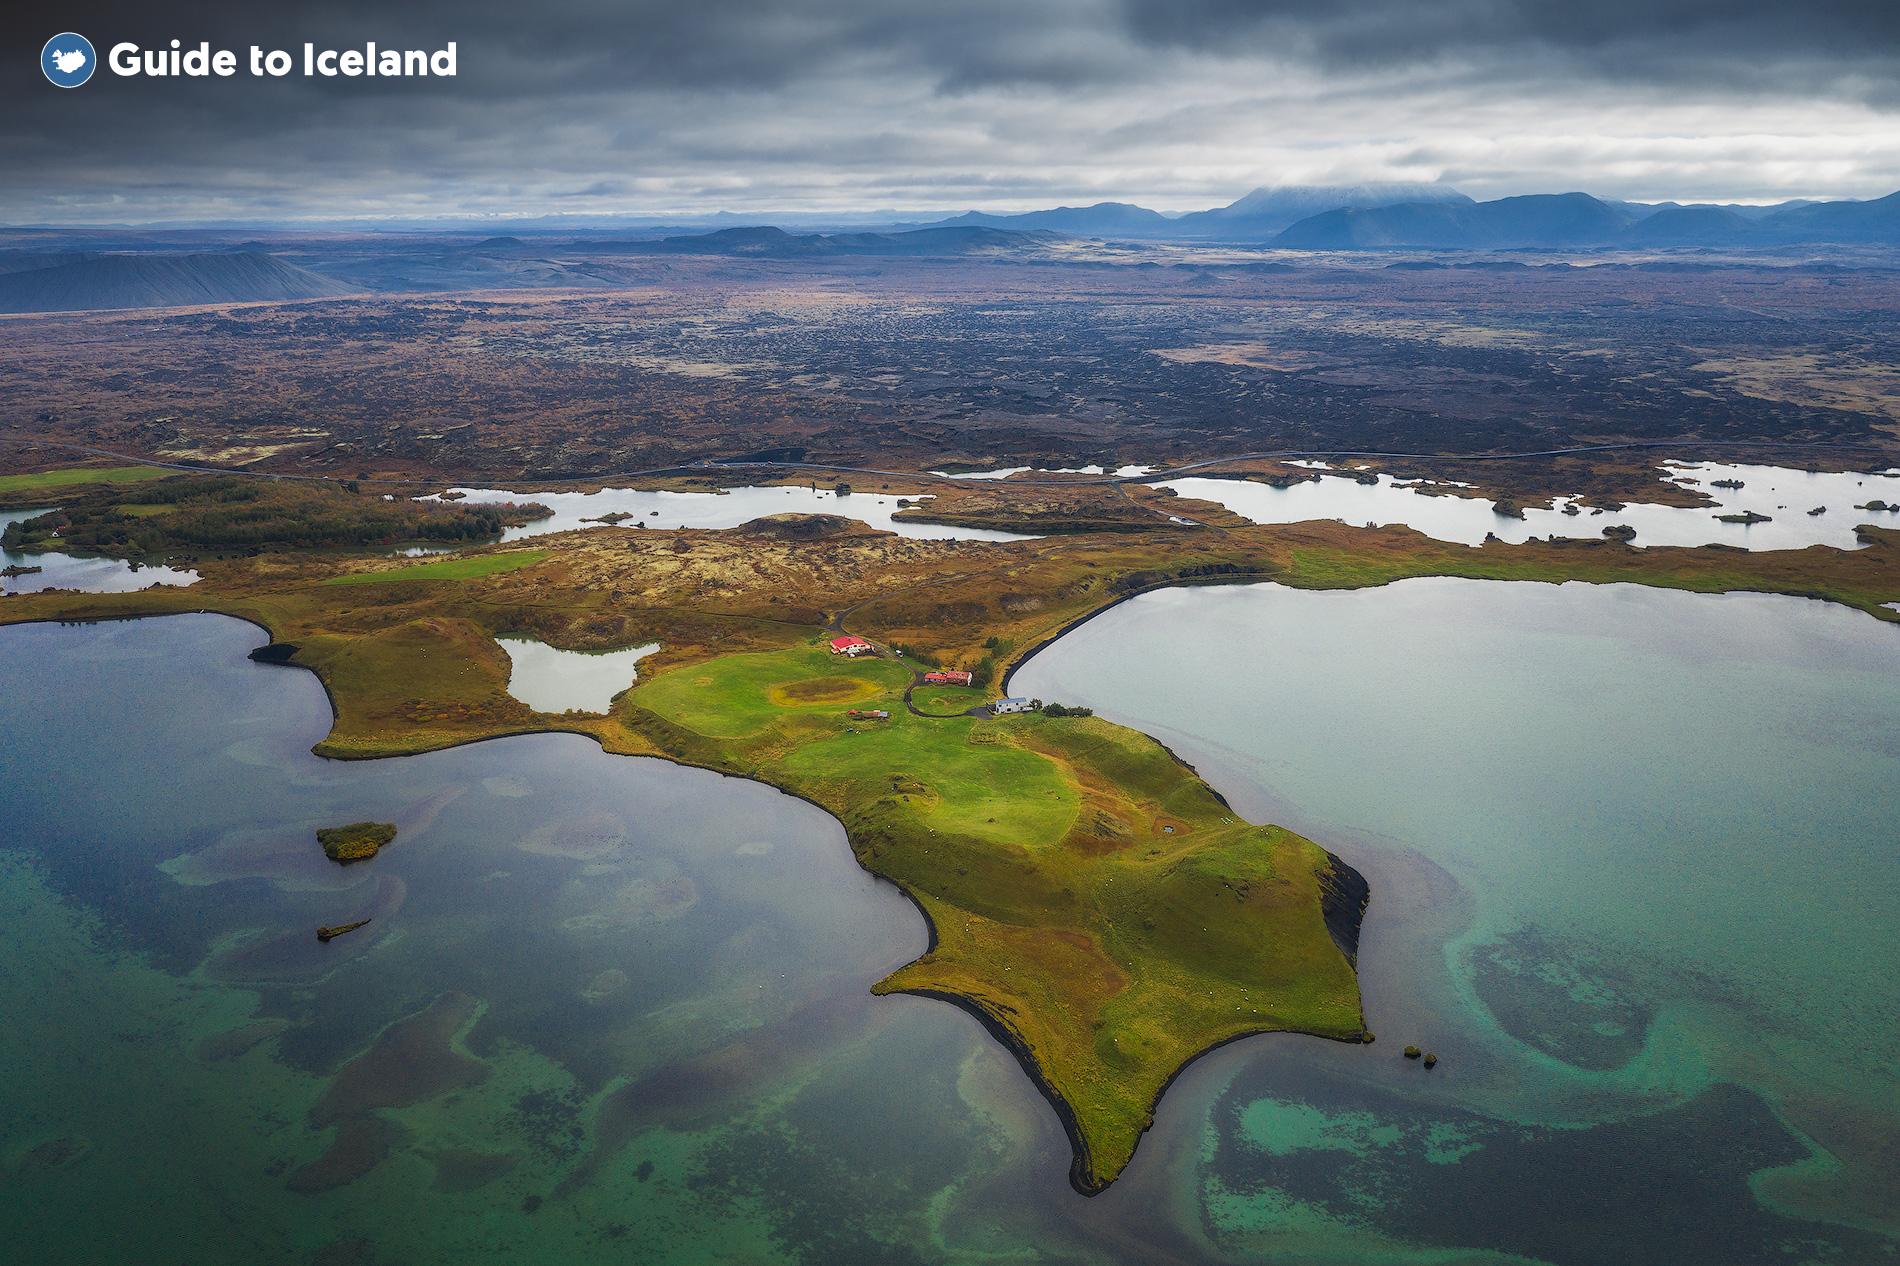 10 dni, samodzielna podróż | Dookoła Islandii zgodnie z ruchem wskazówek zegara - day 4